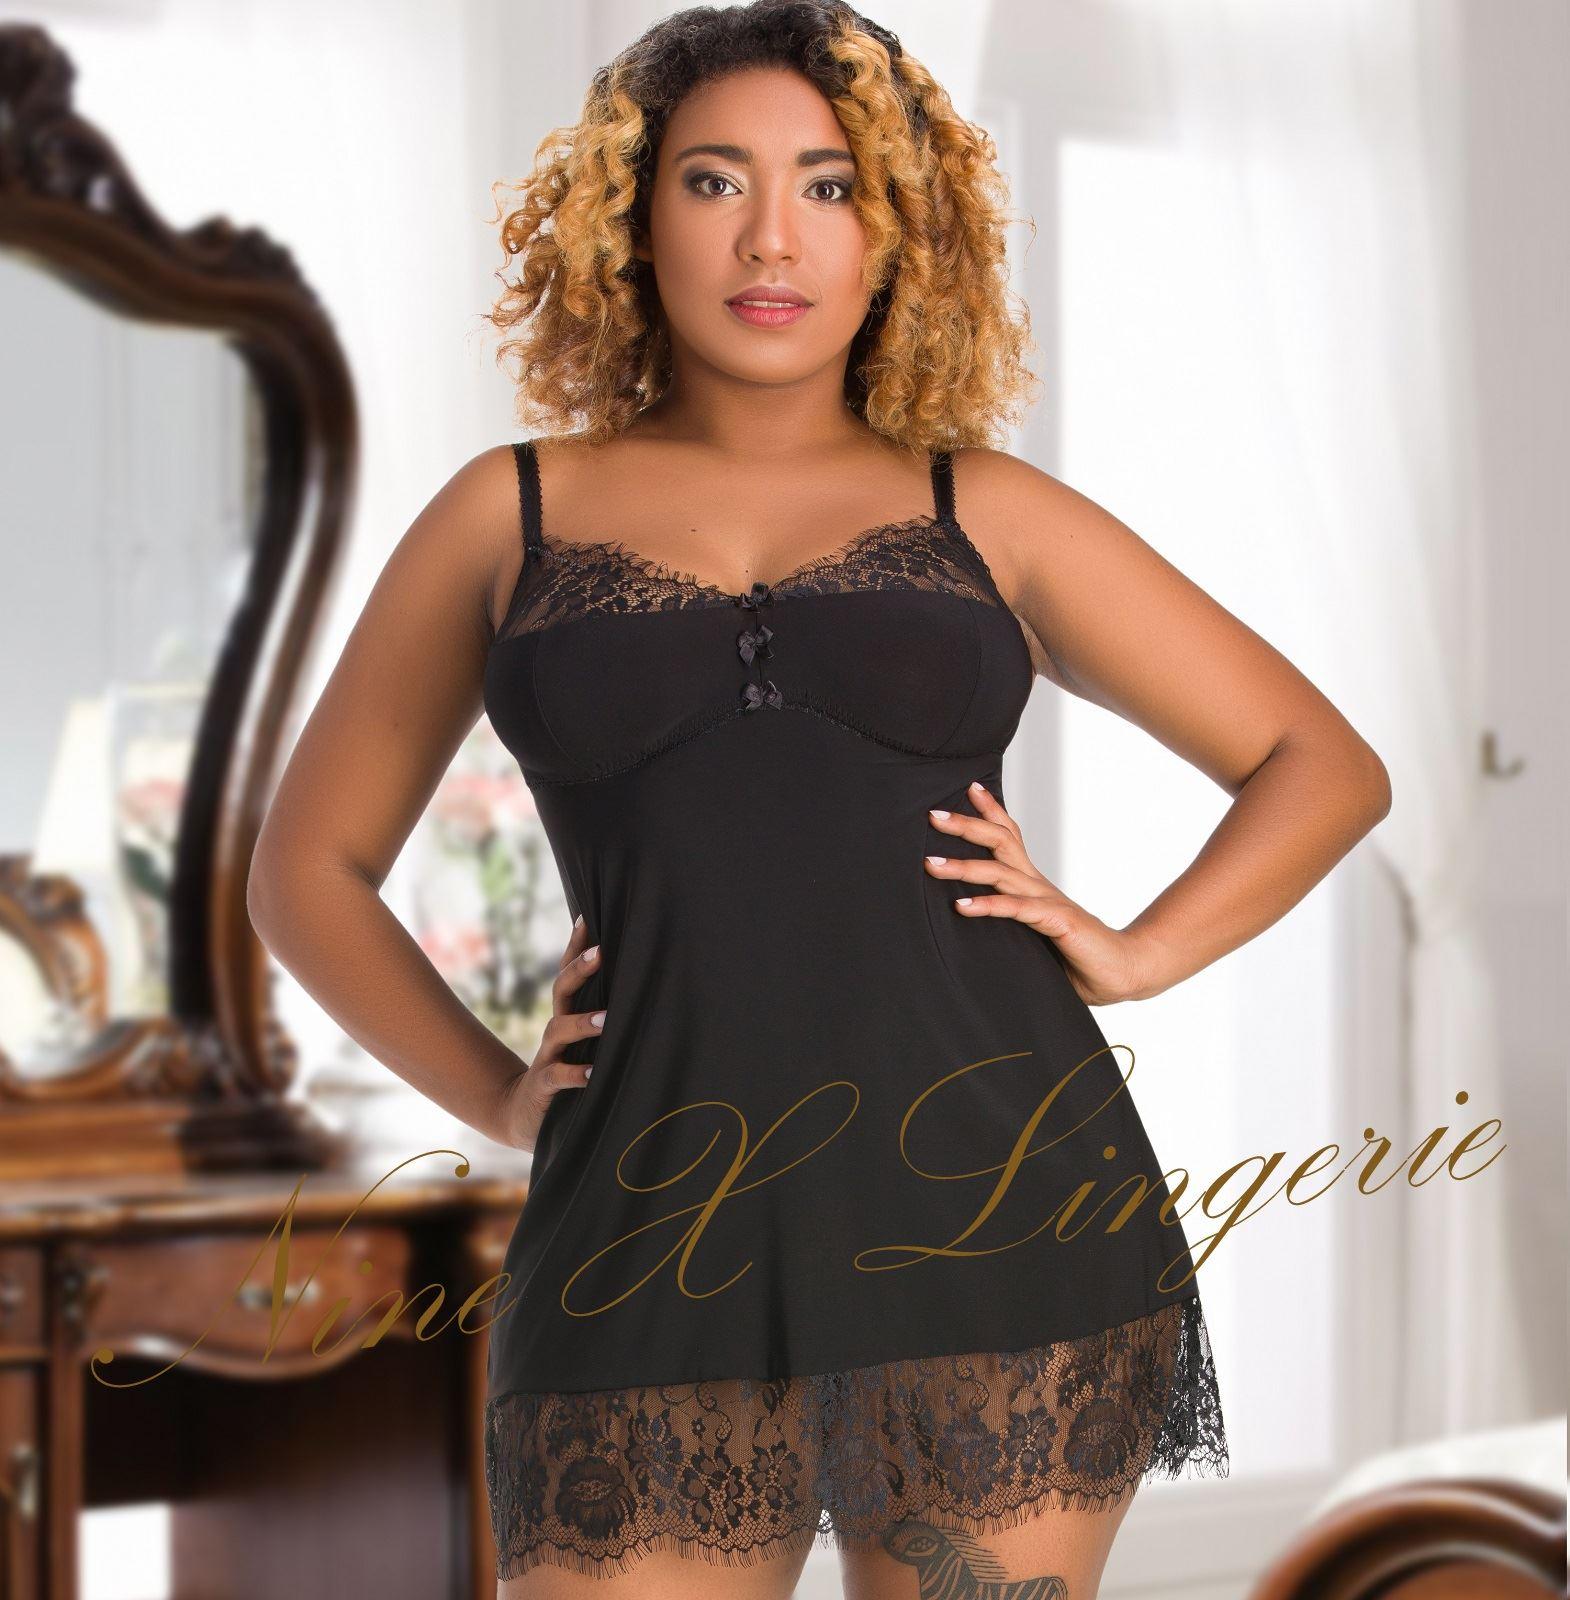 3b1a3c048a4 Nine X Women s Little Black Dress Plus Size Lingerie 12-26 L-7XL Babdoll  Nightie